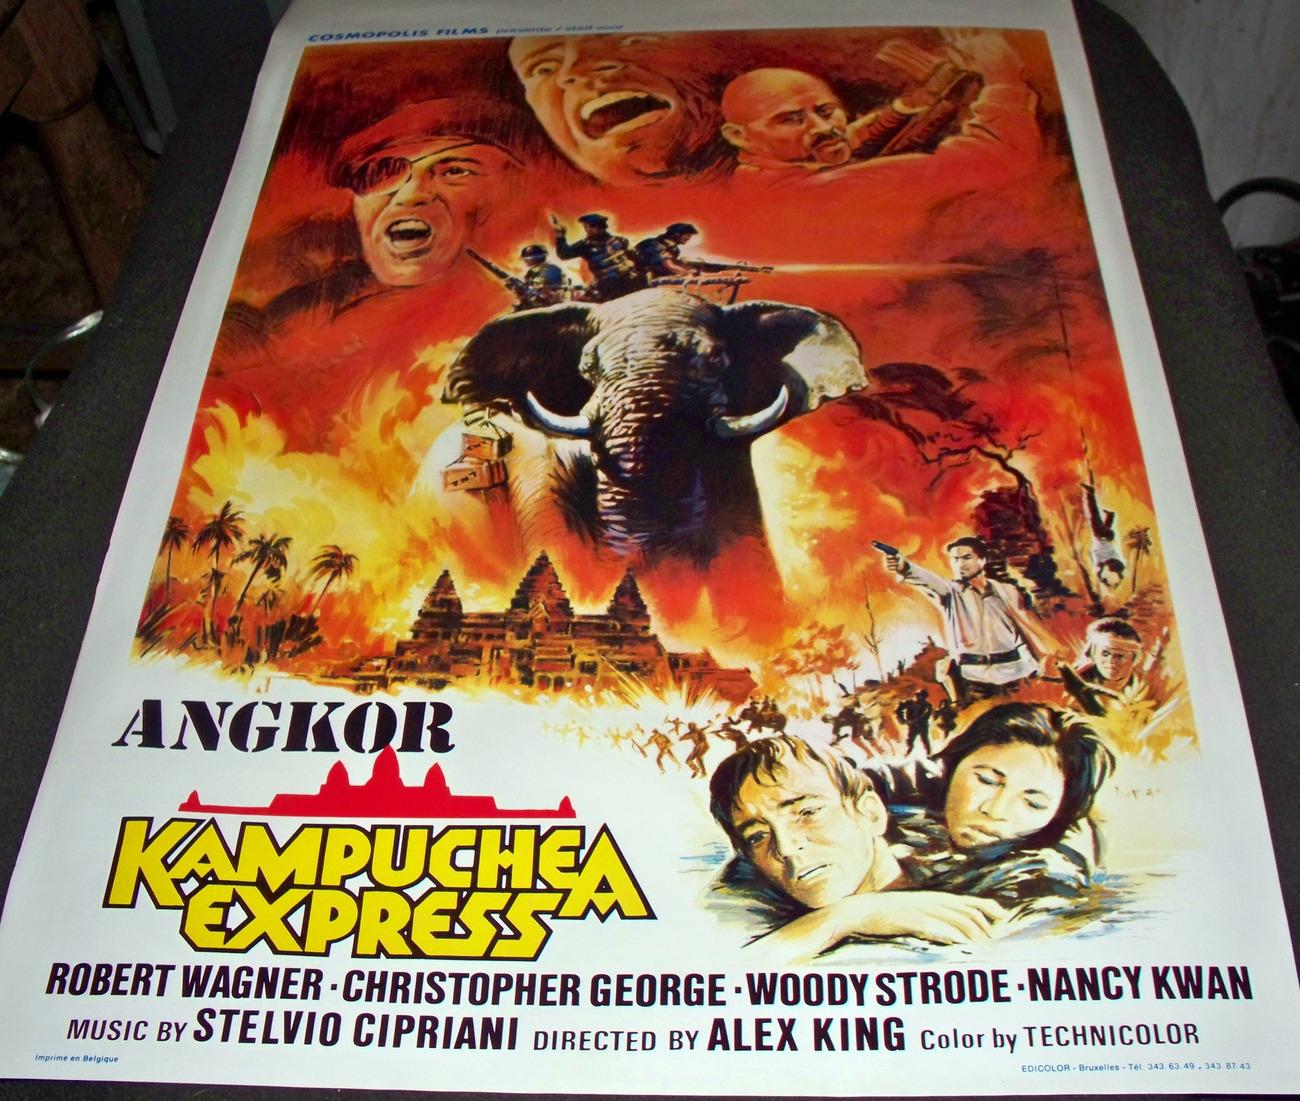 Angkor: Kampuchea Express 1982 European Movie Poster